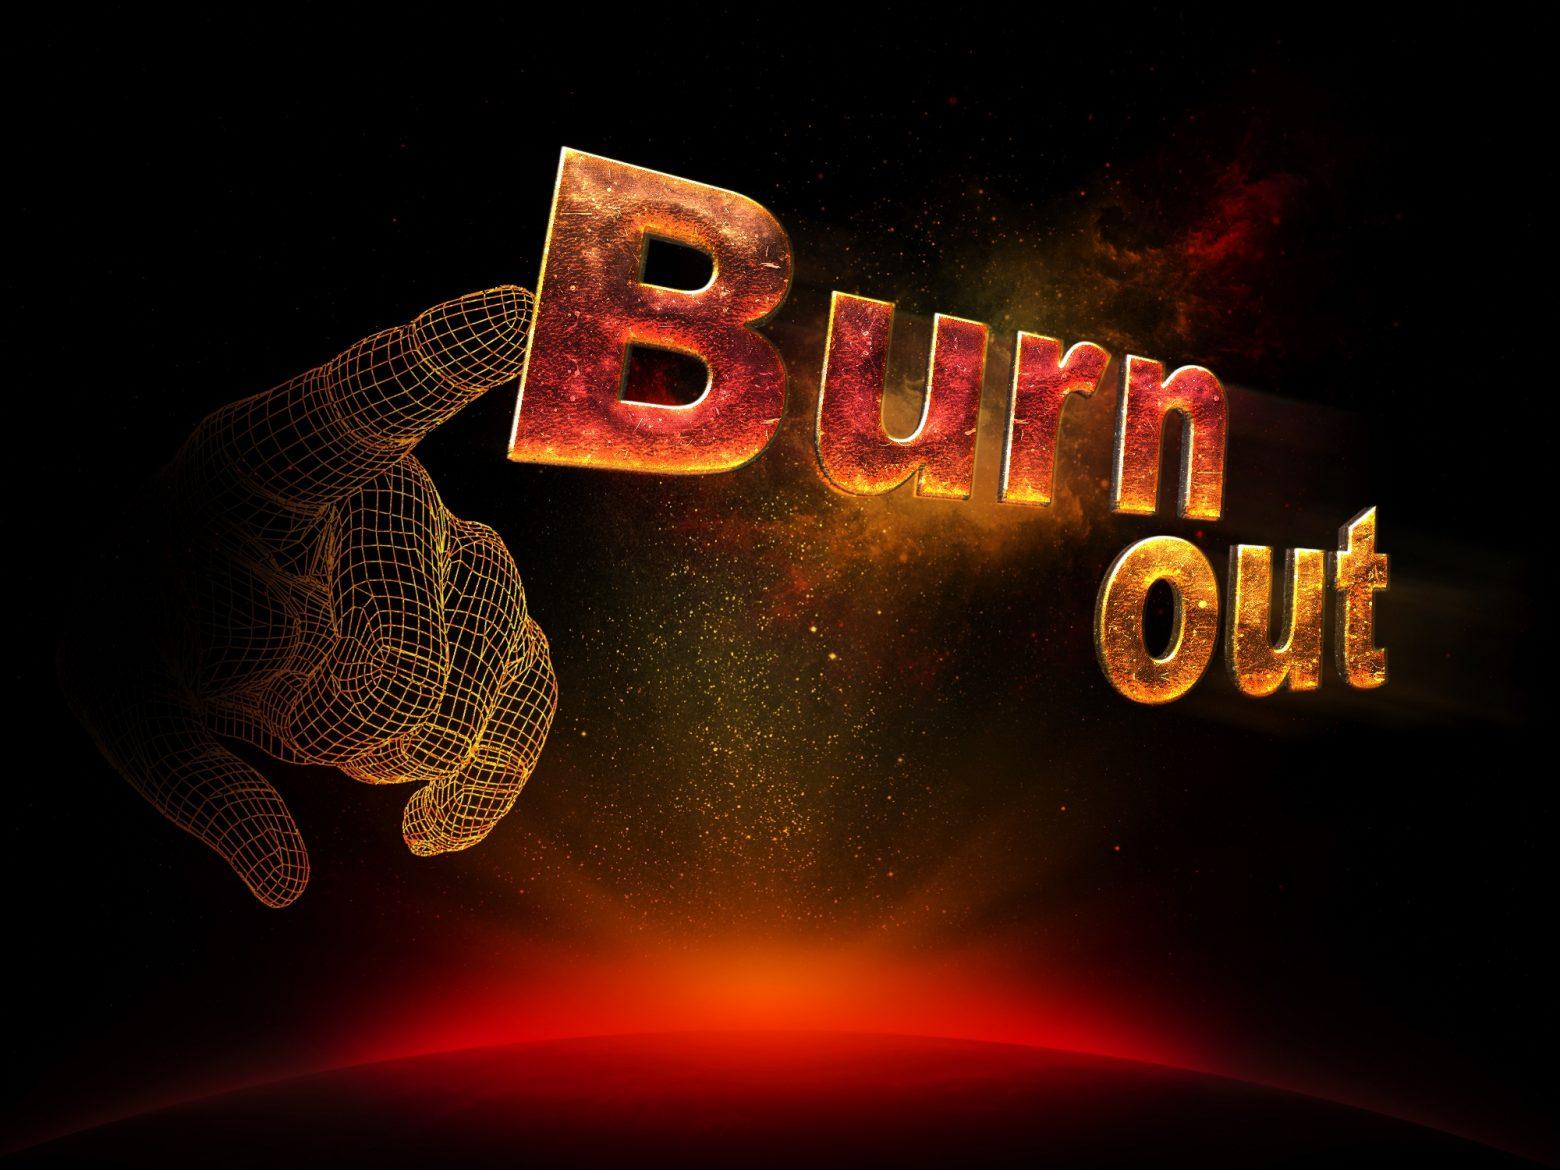 burnout-2166267